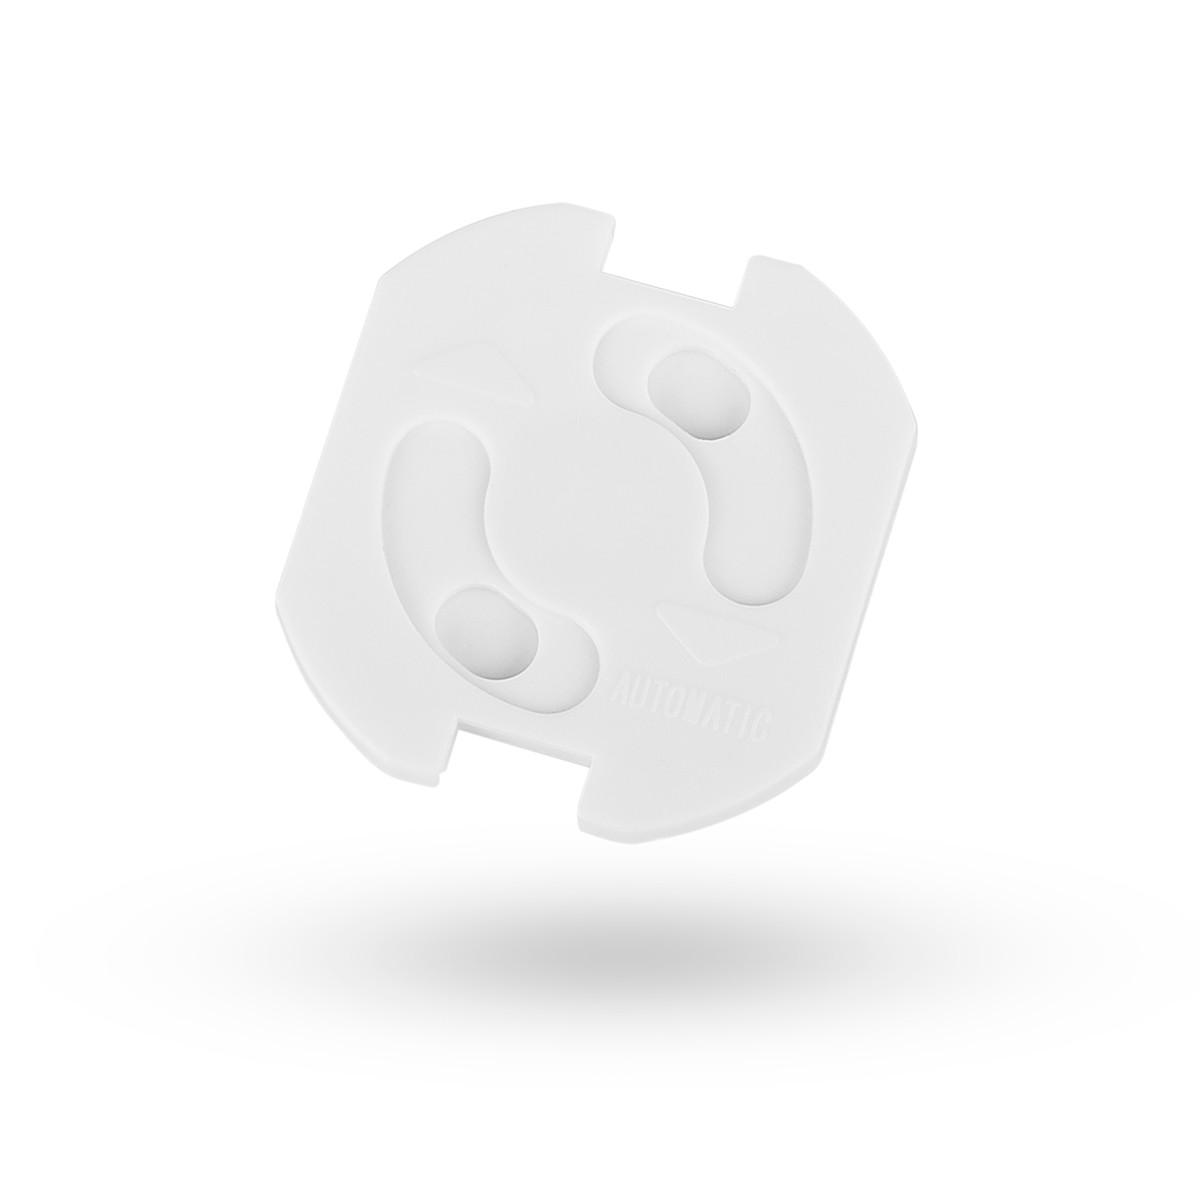 Steckdoseneinsatz / Steckdosenschutz CP330 flach 5 Stück Bild 1